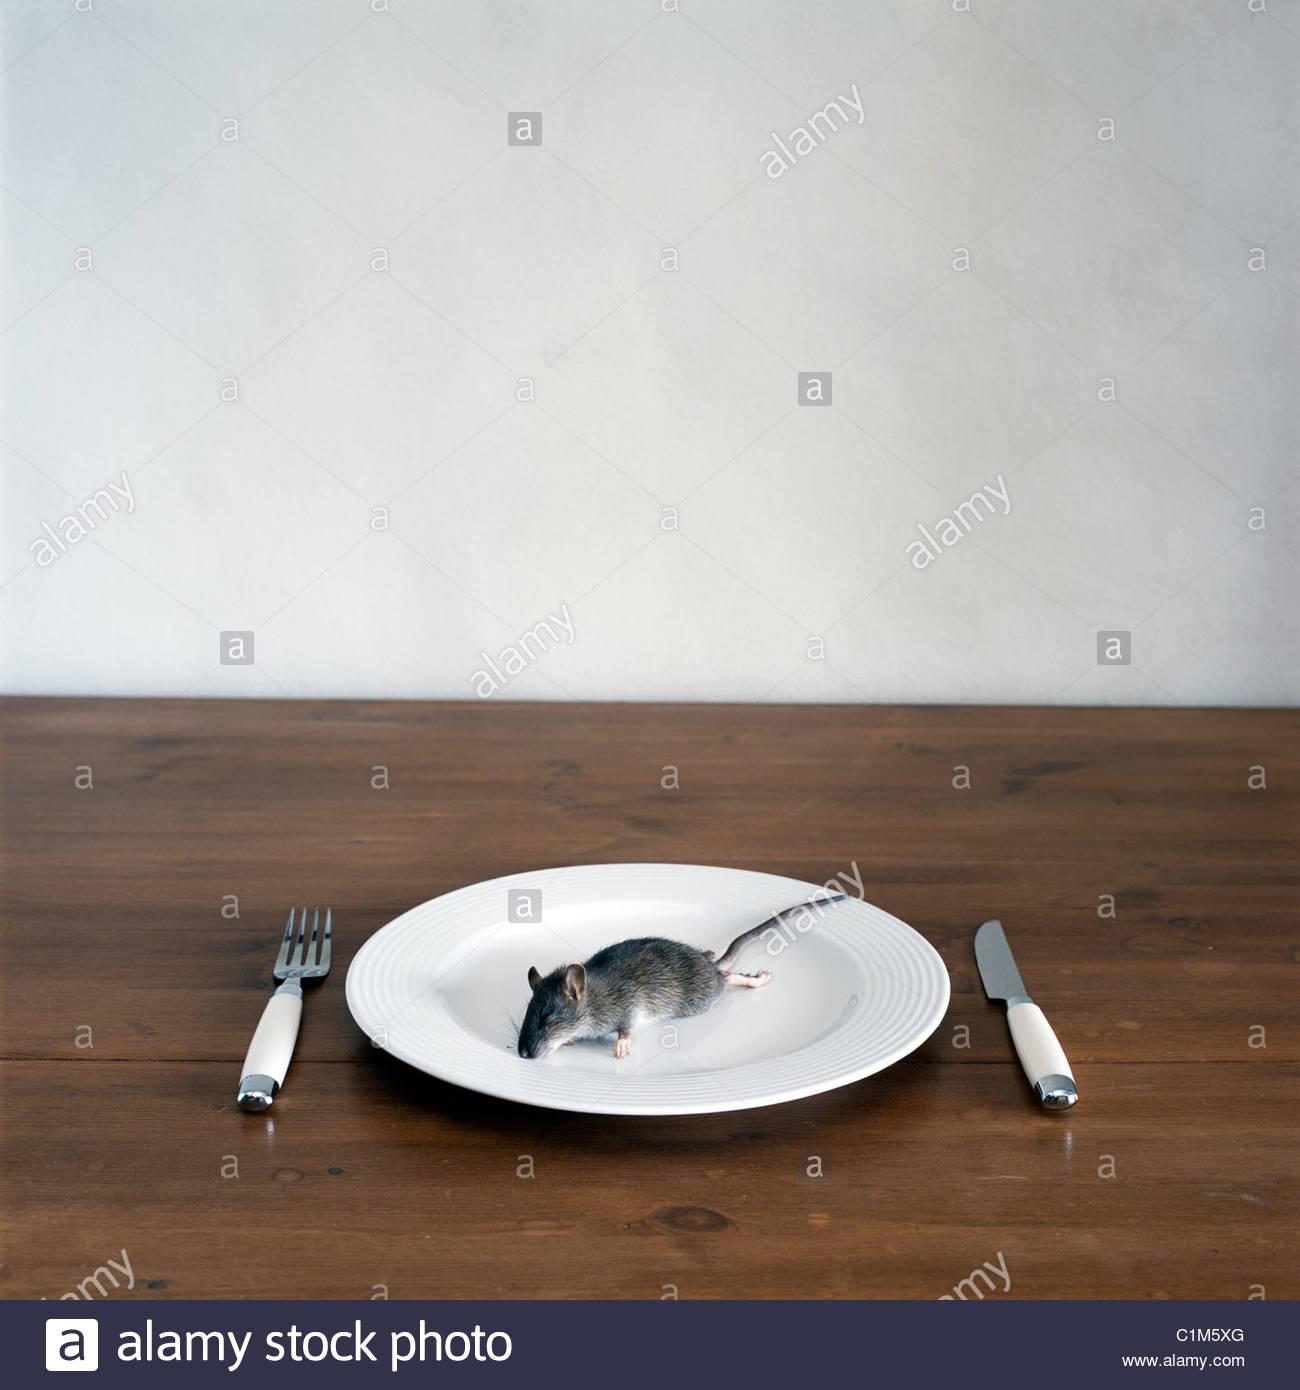 dead-rat-dinner-C1M5XG.jpg